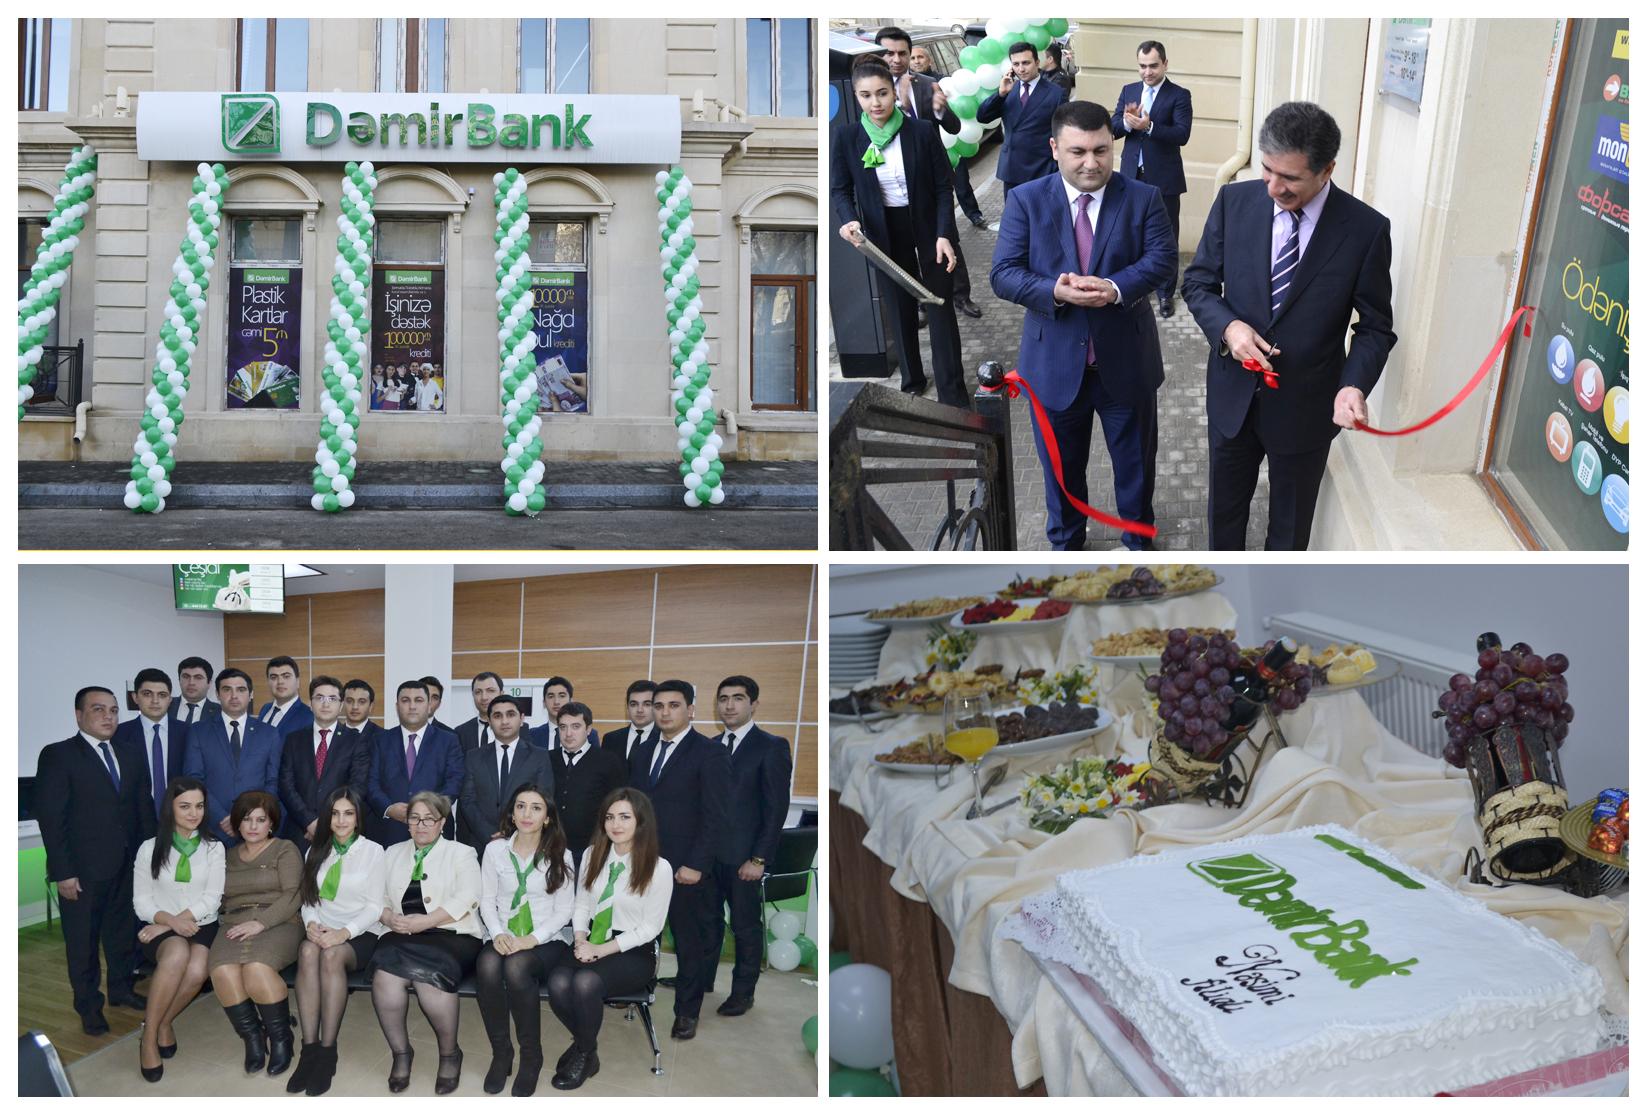 Bankın Nəsimi filialı açıldı!